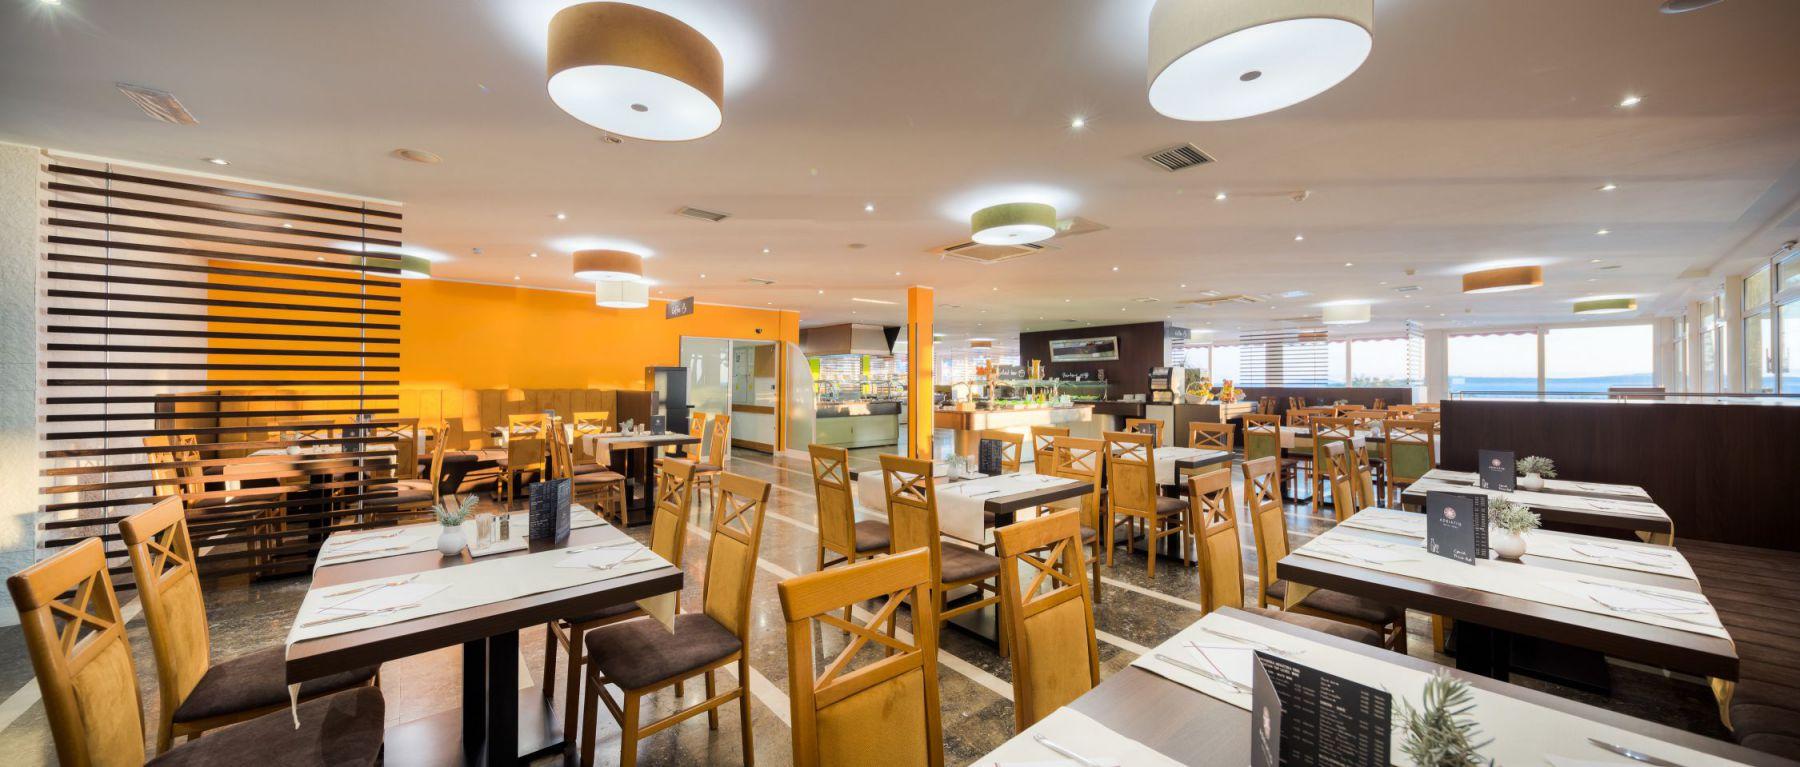 restaurant 21 16697815147 o - Zora Hotel